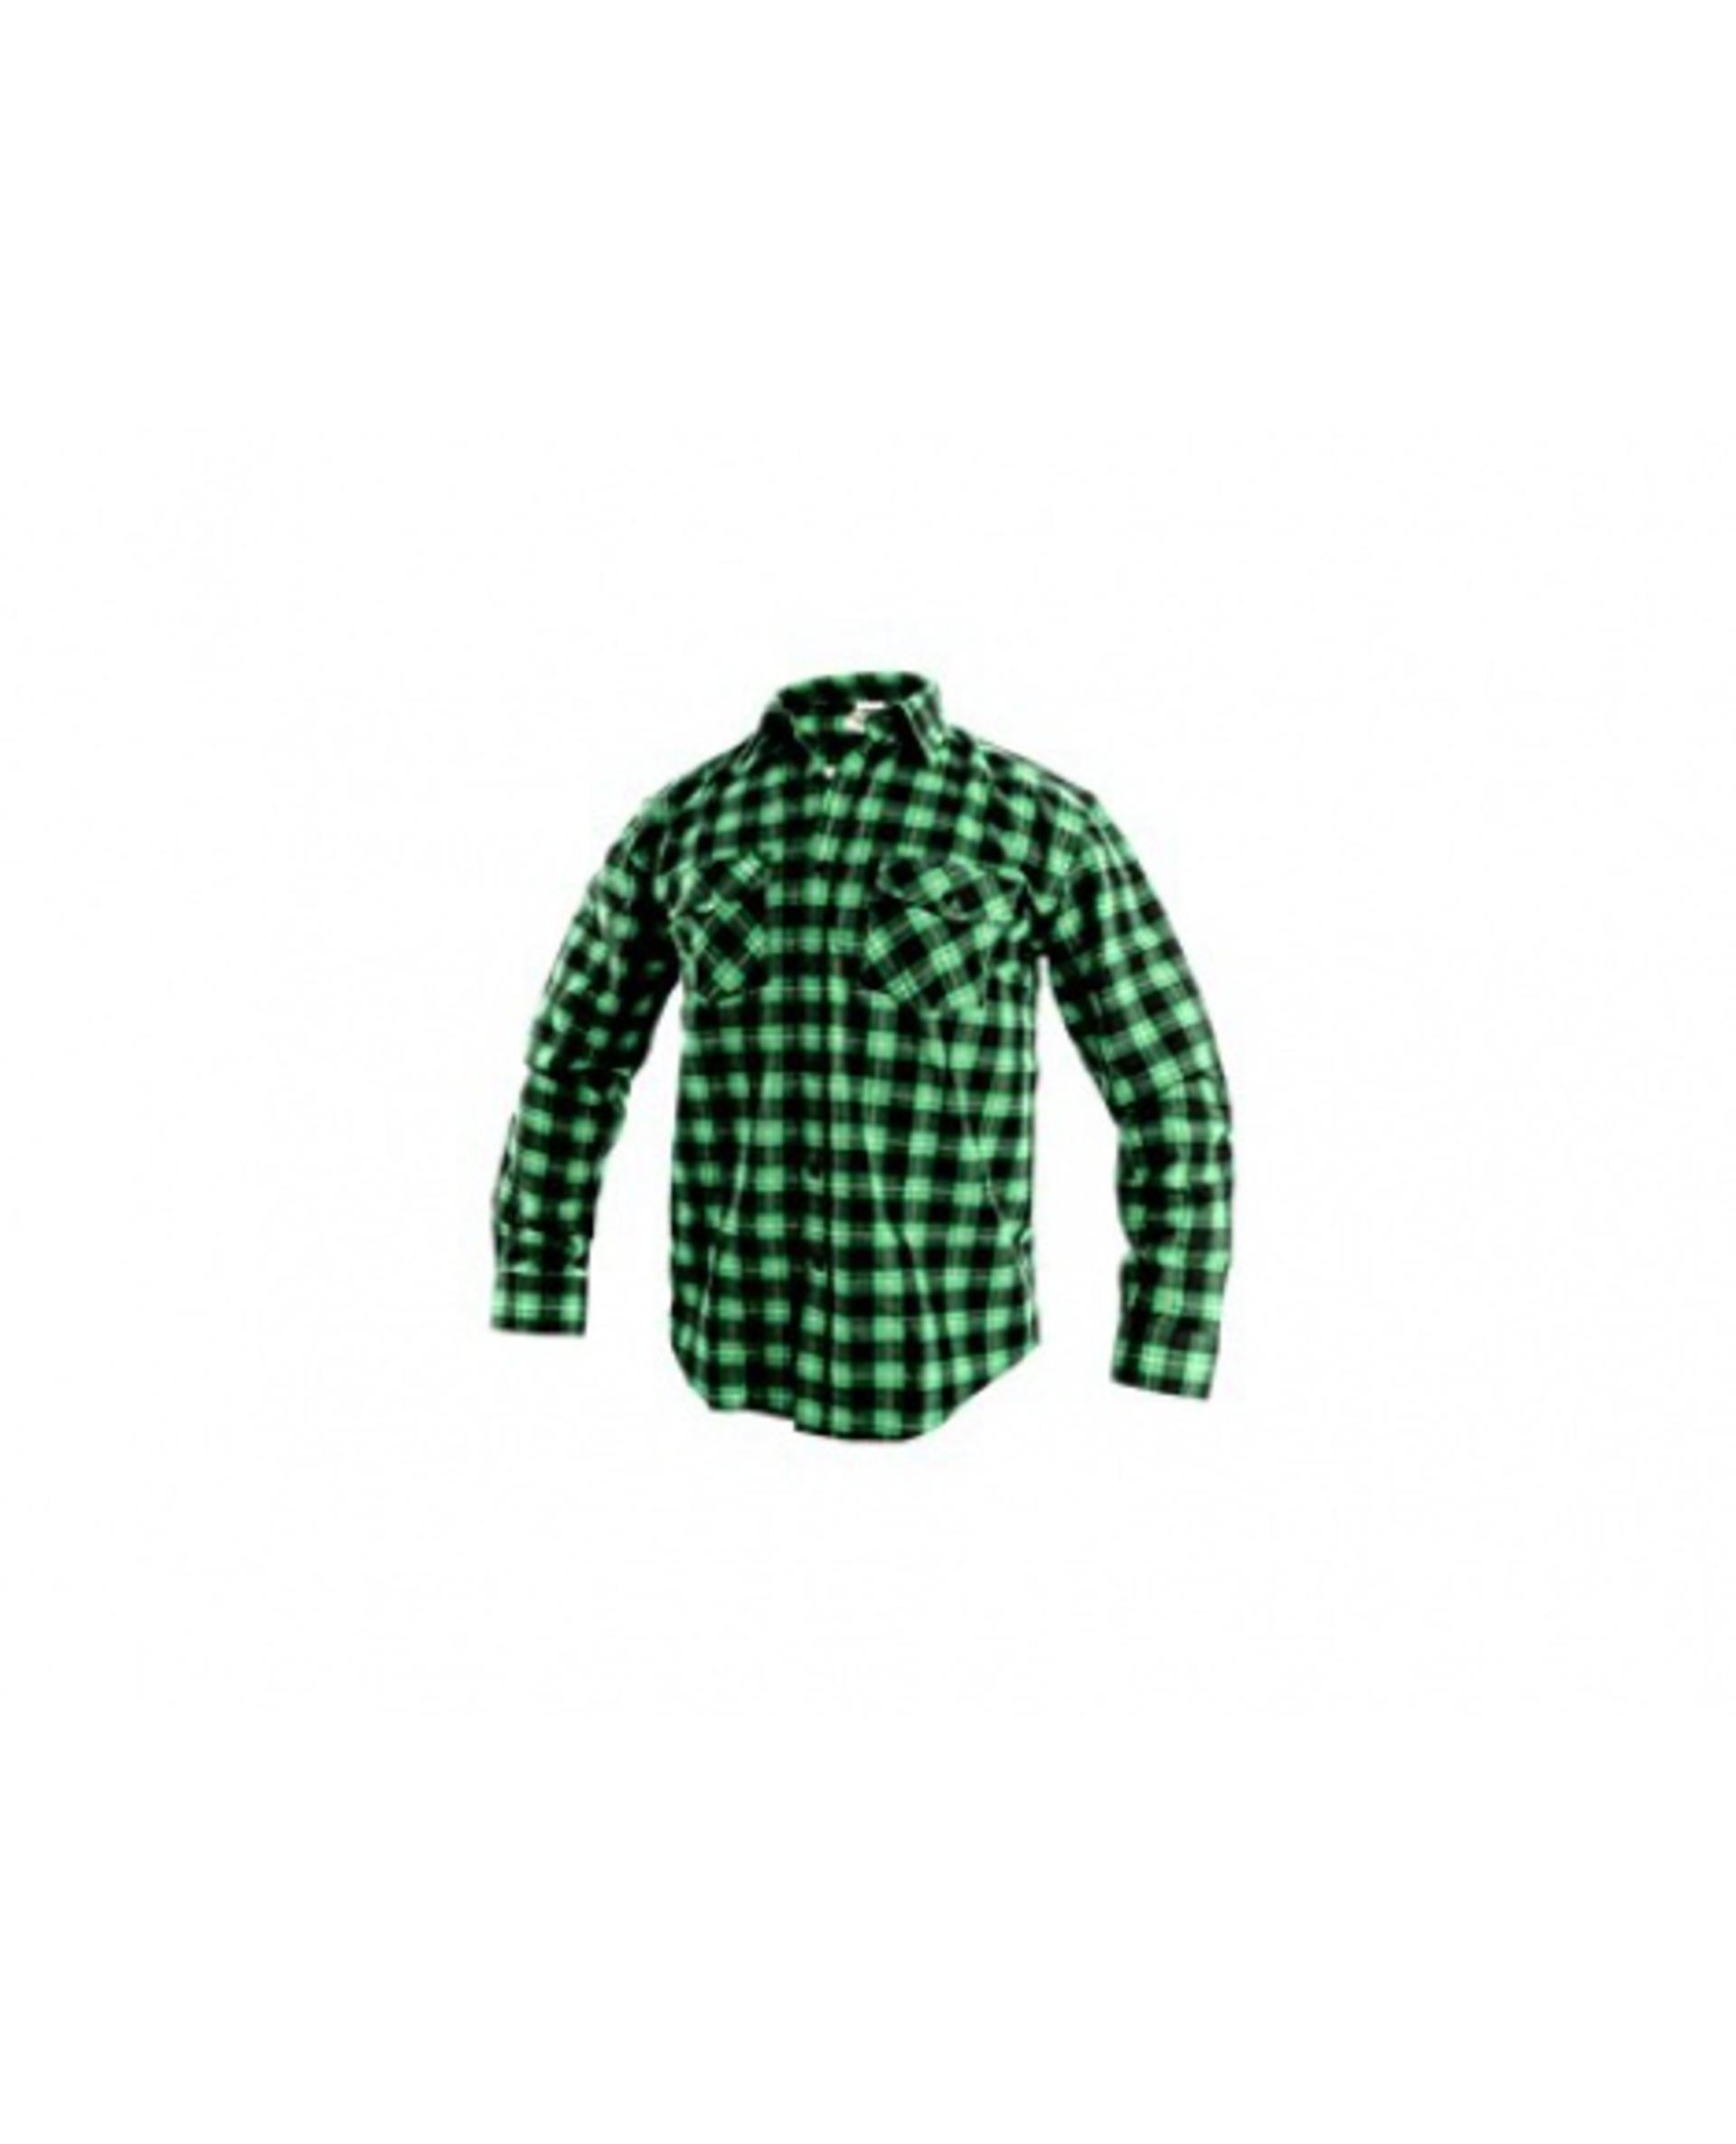 CXS TOM 1070 pánská dlouhý rukáv flanelová Košile zelená/černá 43/44 XL